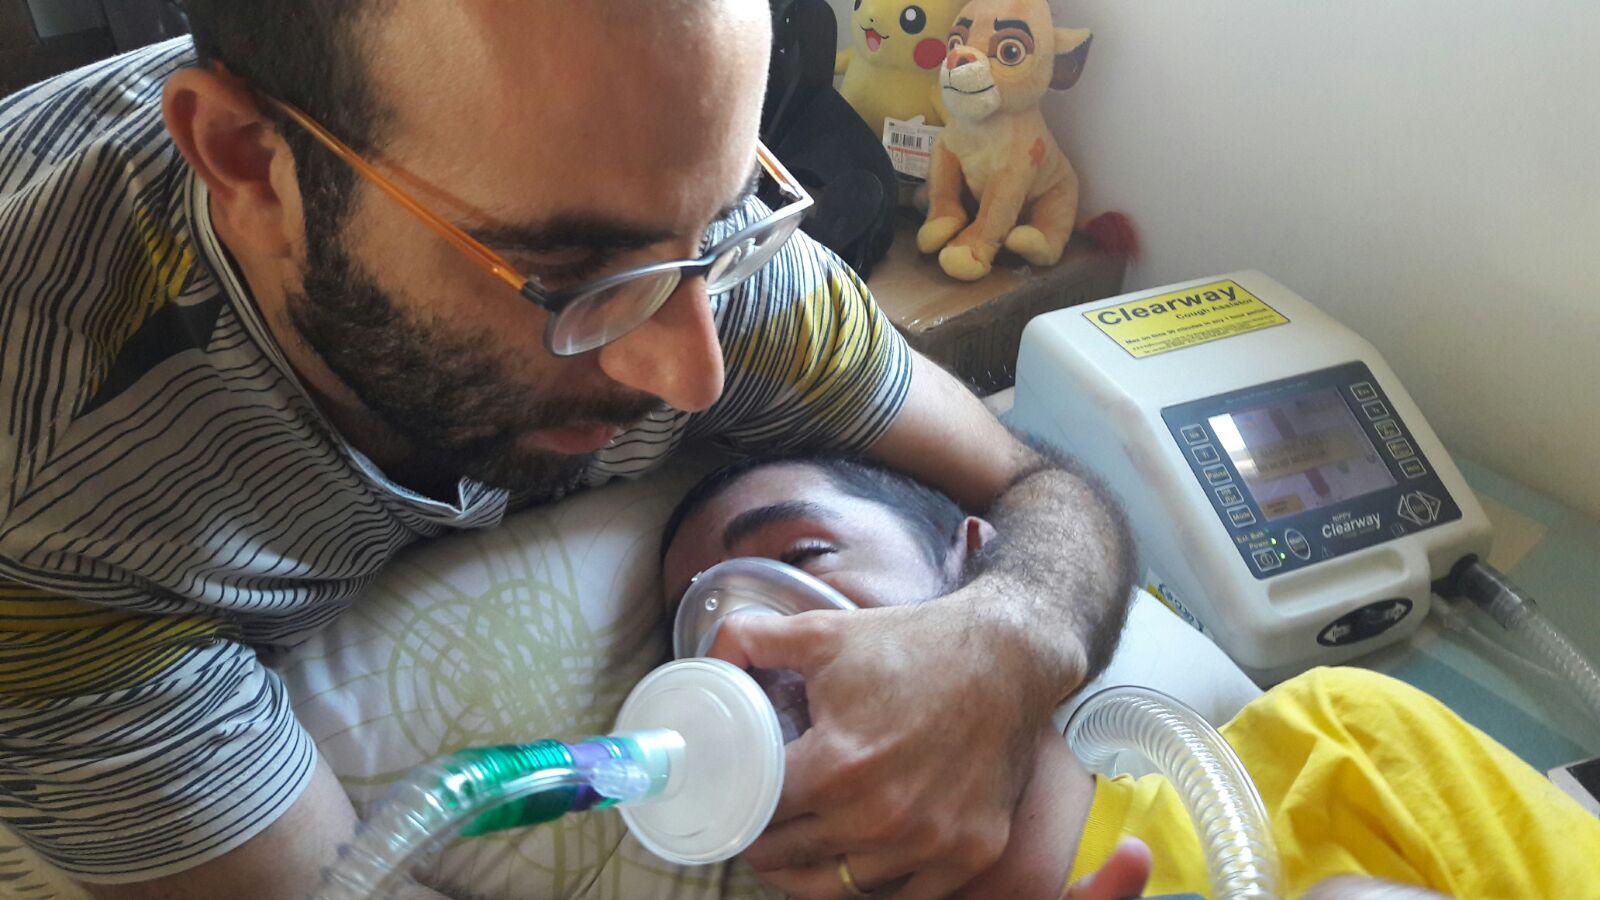 אושרה פיזיותרפיה נשימתית לחולי A-T בסל הבריאות